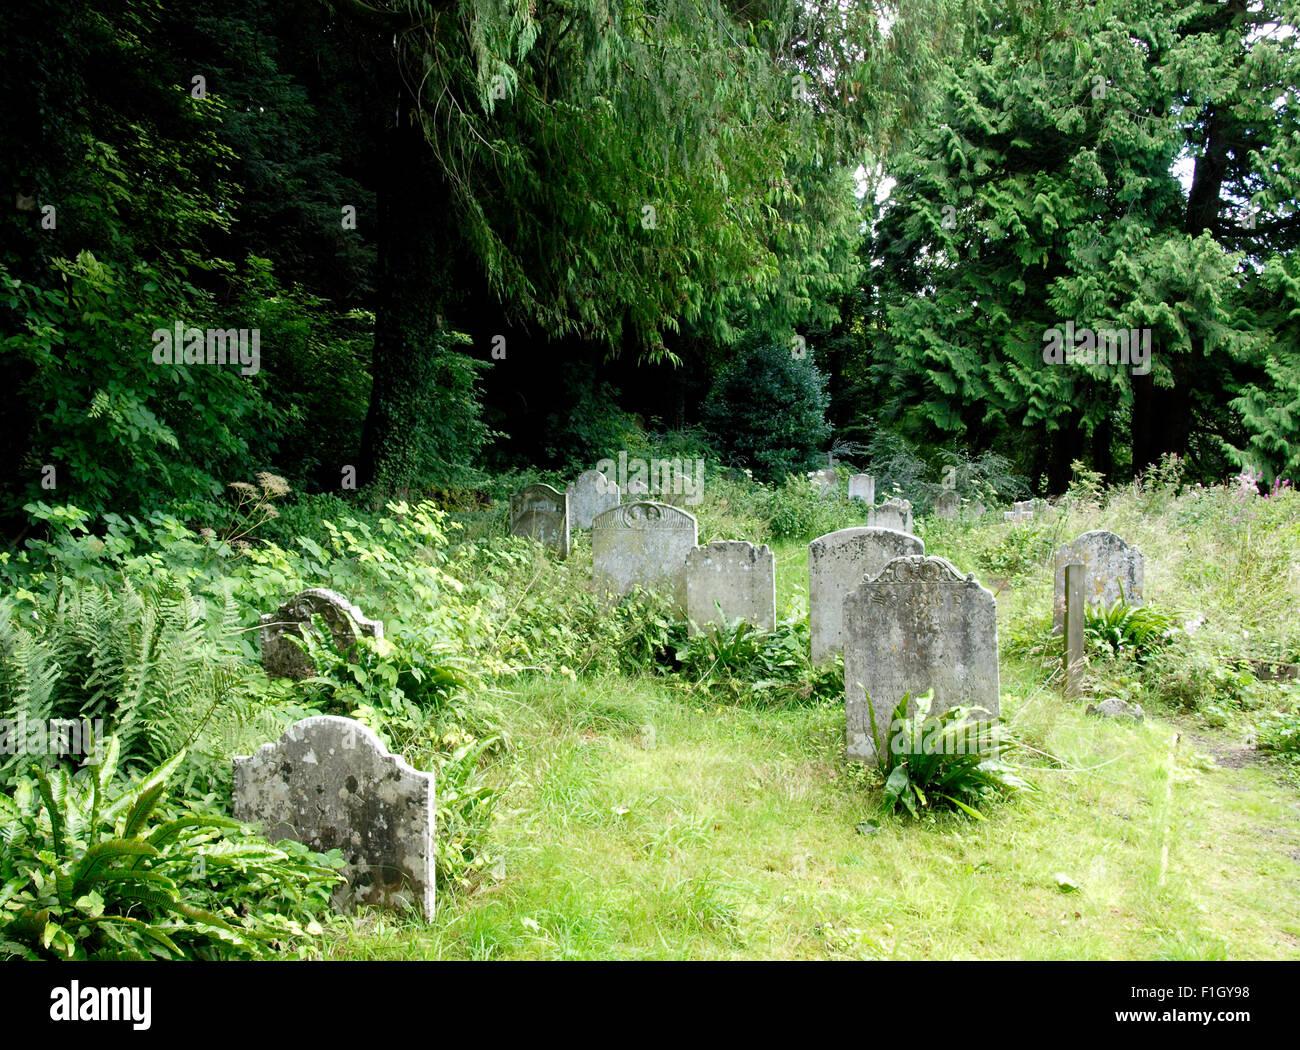 Cementerio cubierto para alentar la naturaleza, Milton Abbas, Dorset, Reino Unido Imagen De Stock